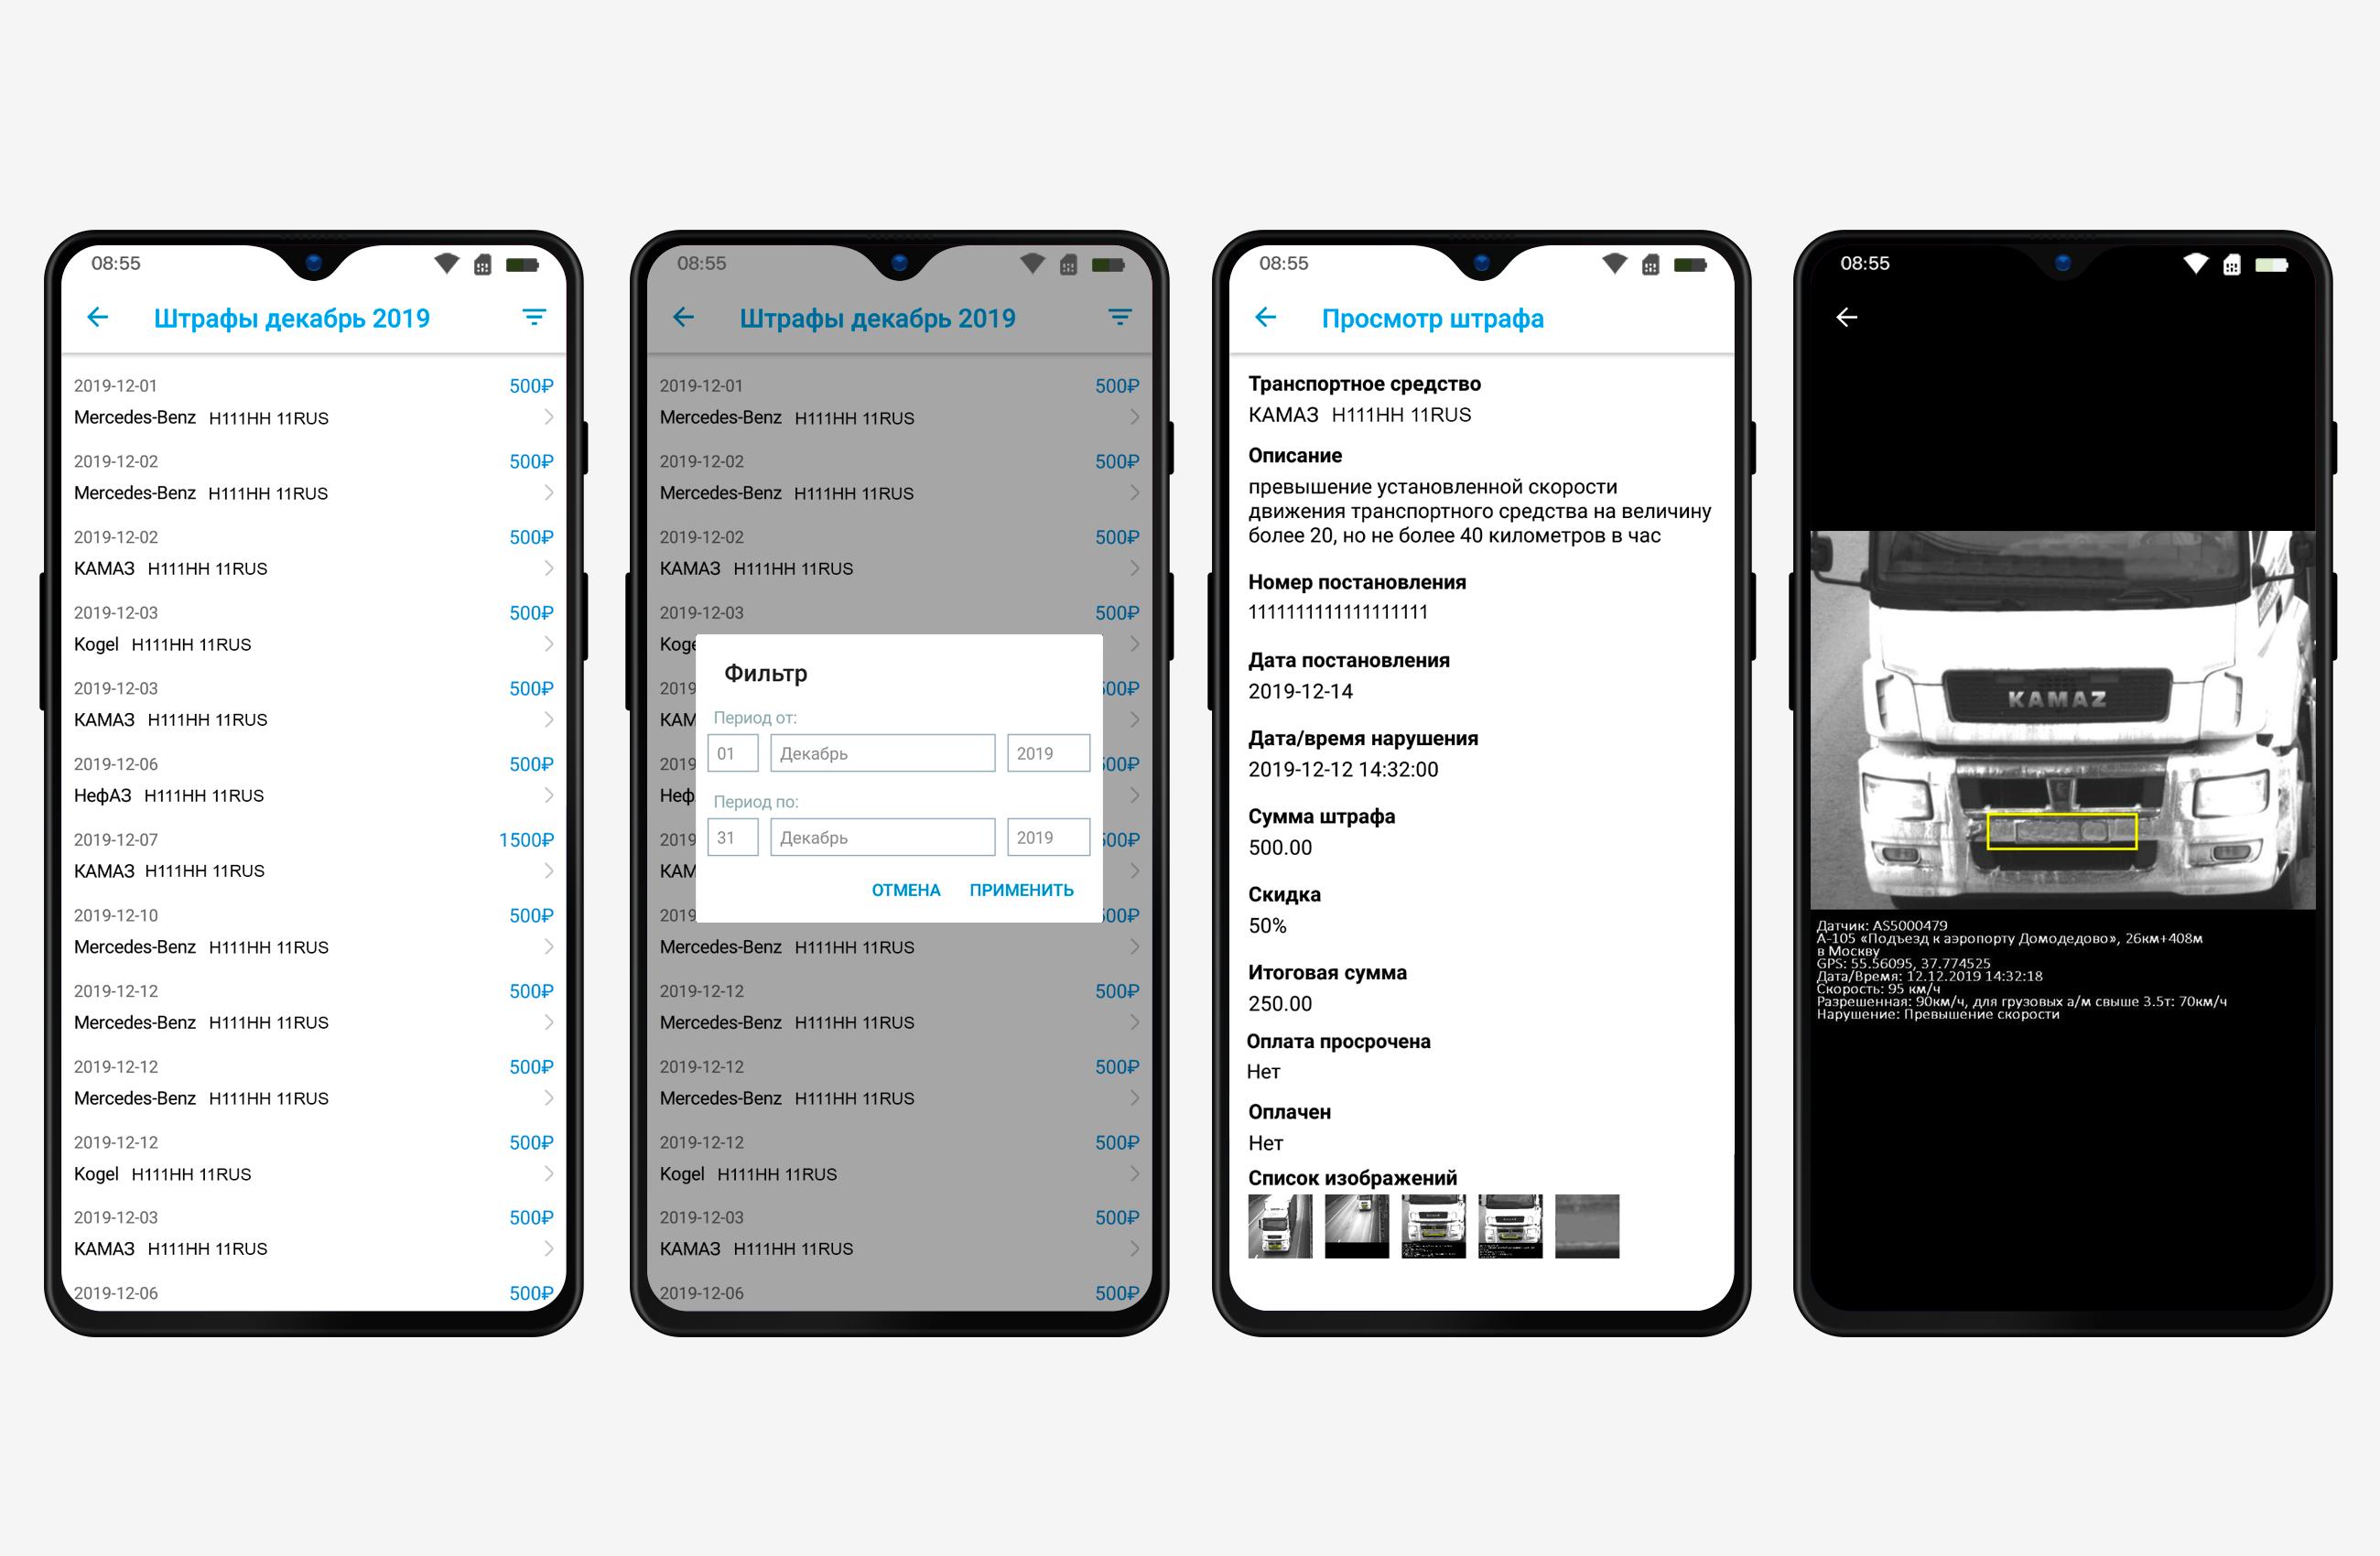 Интерфейс проверки штрафов в MTS App для Android